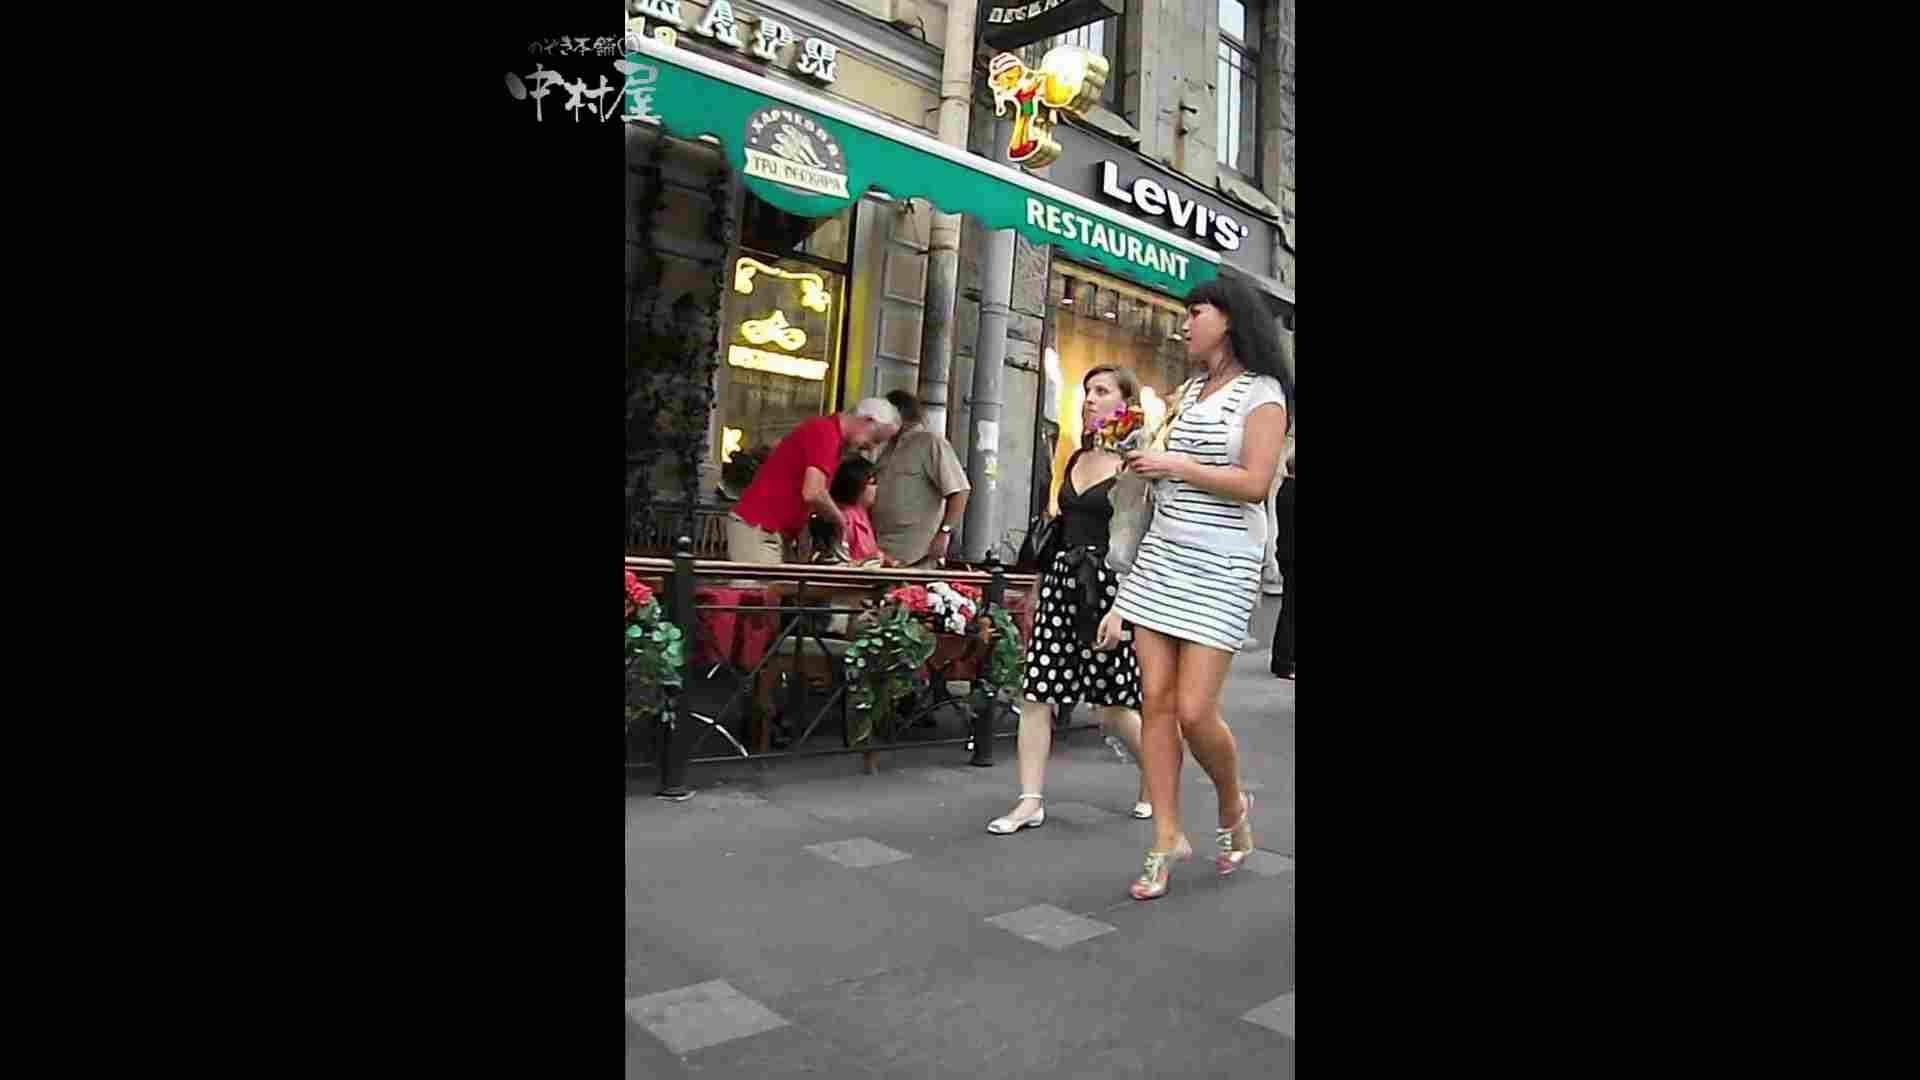 綺麗なモデルさんのスカート捲っちゃおう‼ vol08 お姉さんのエロ動画 | 0  91PIX 23